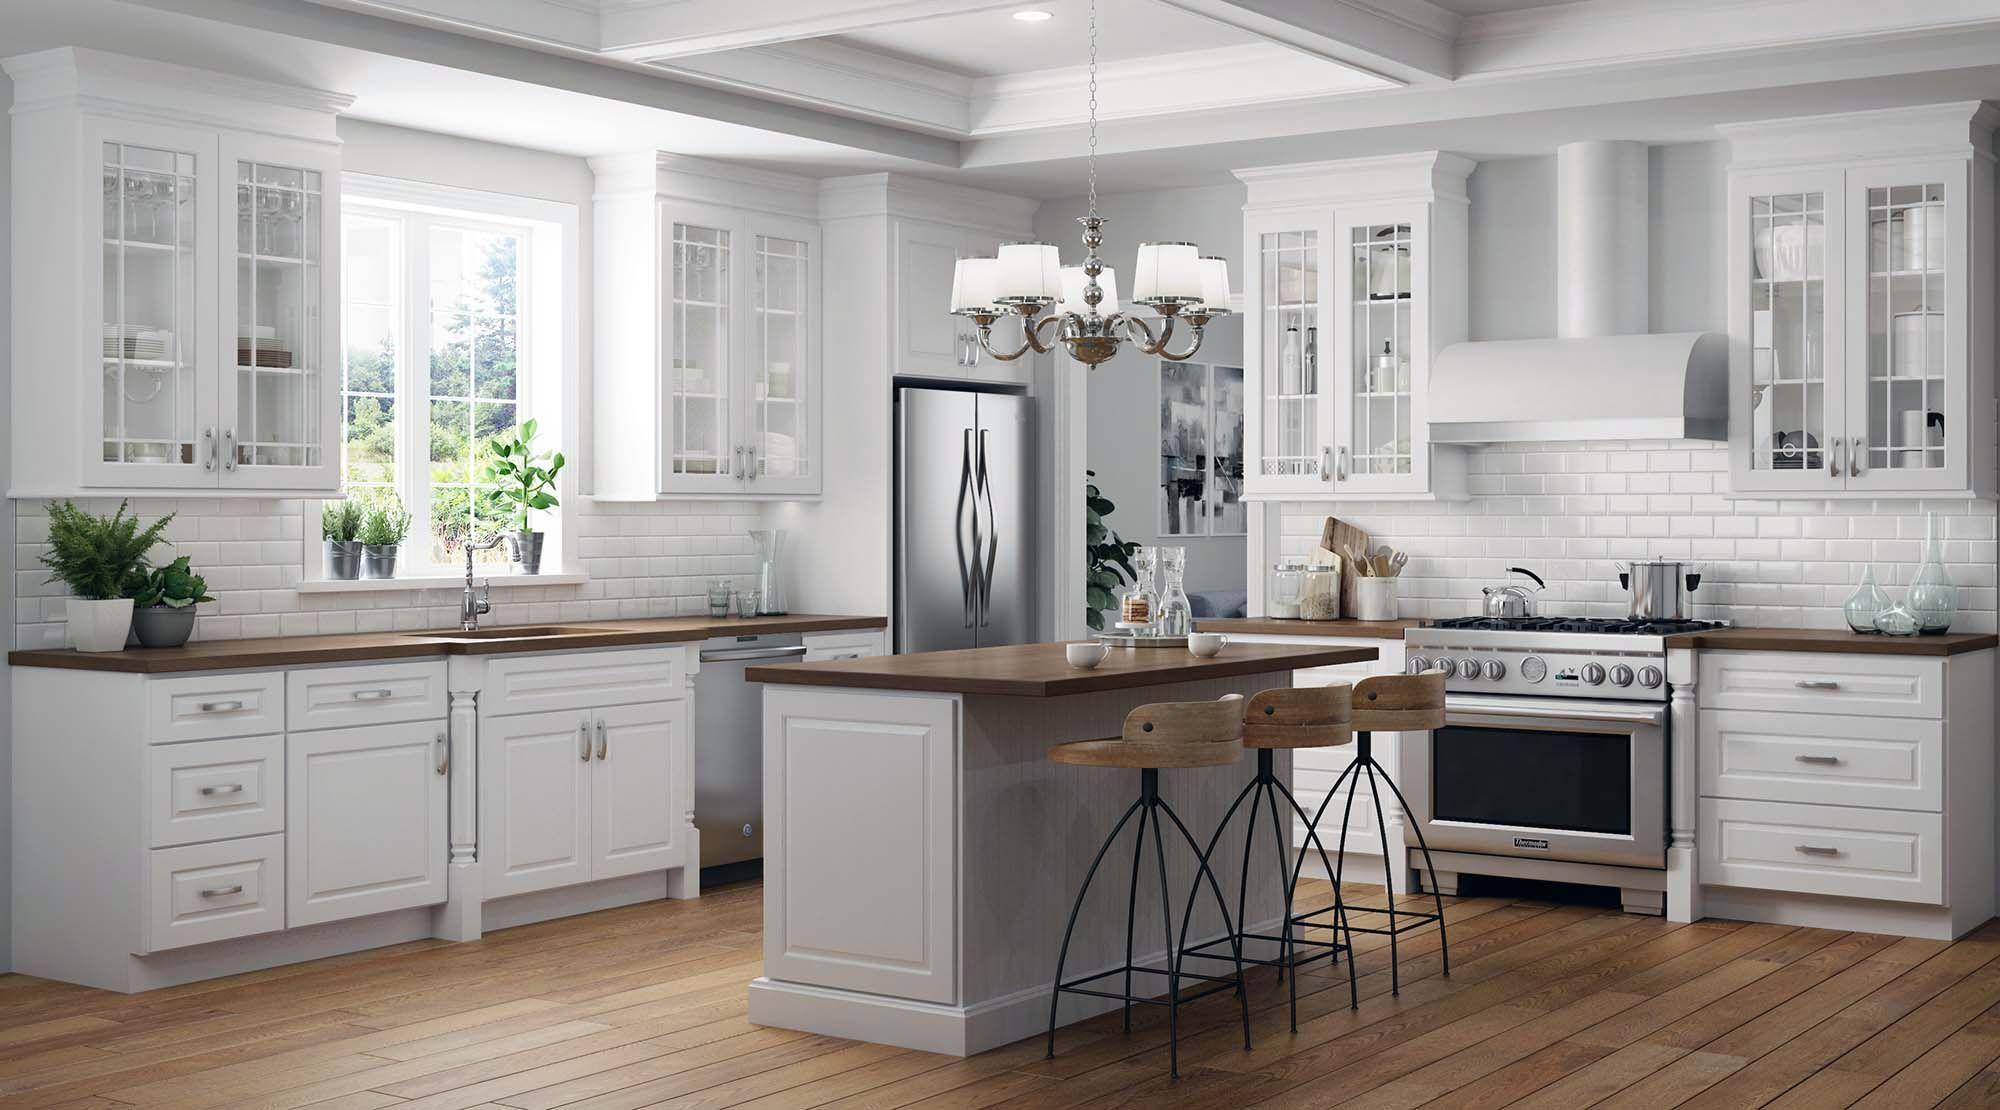 luxury kitchen design ideas white kitchen with wood ...